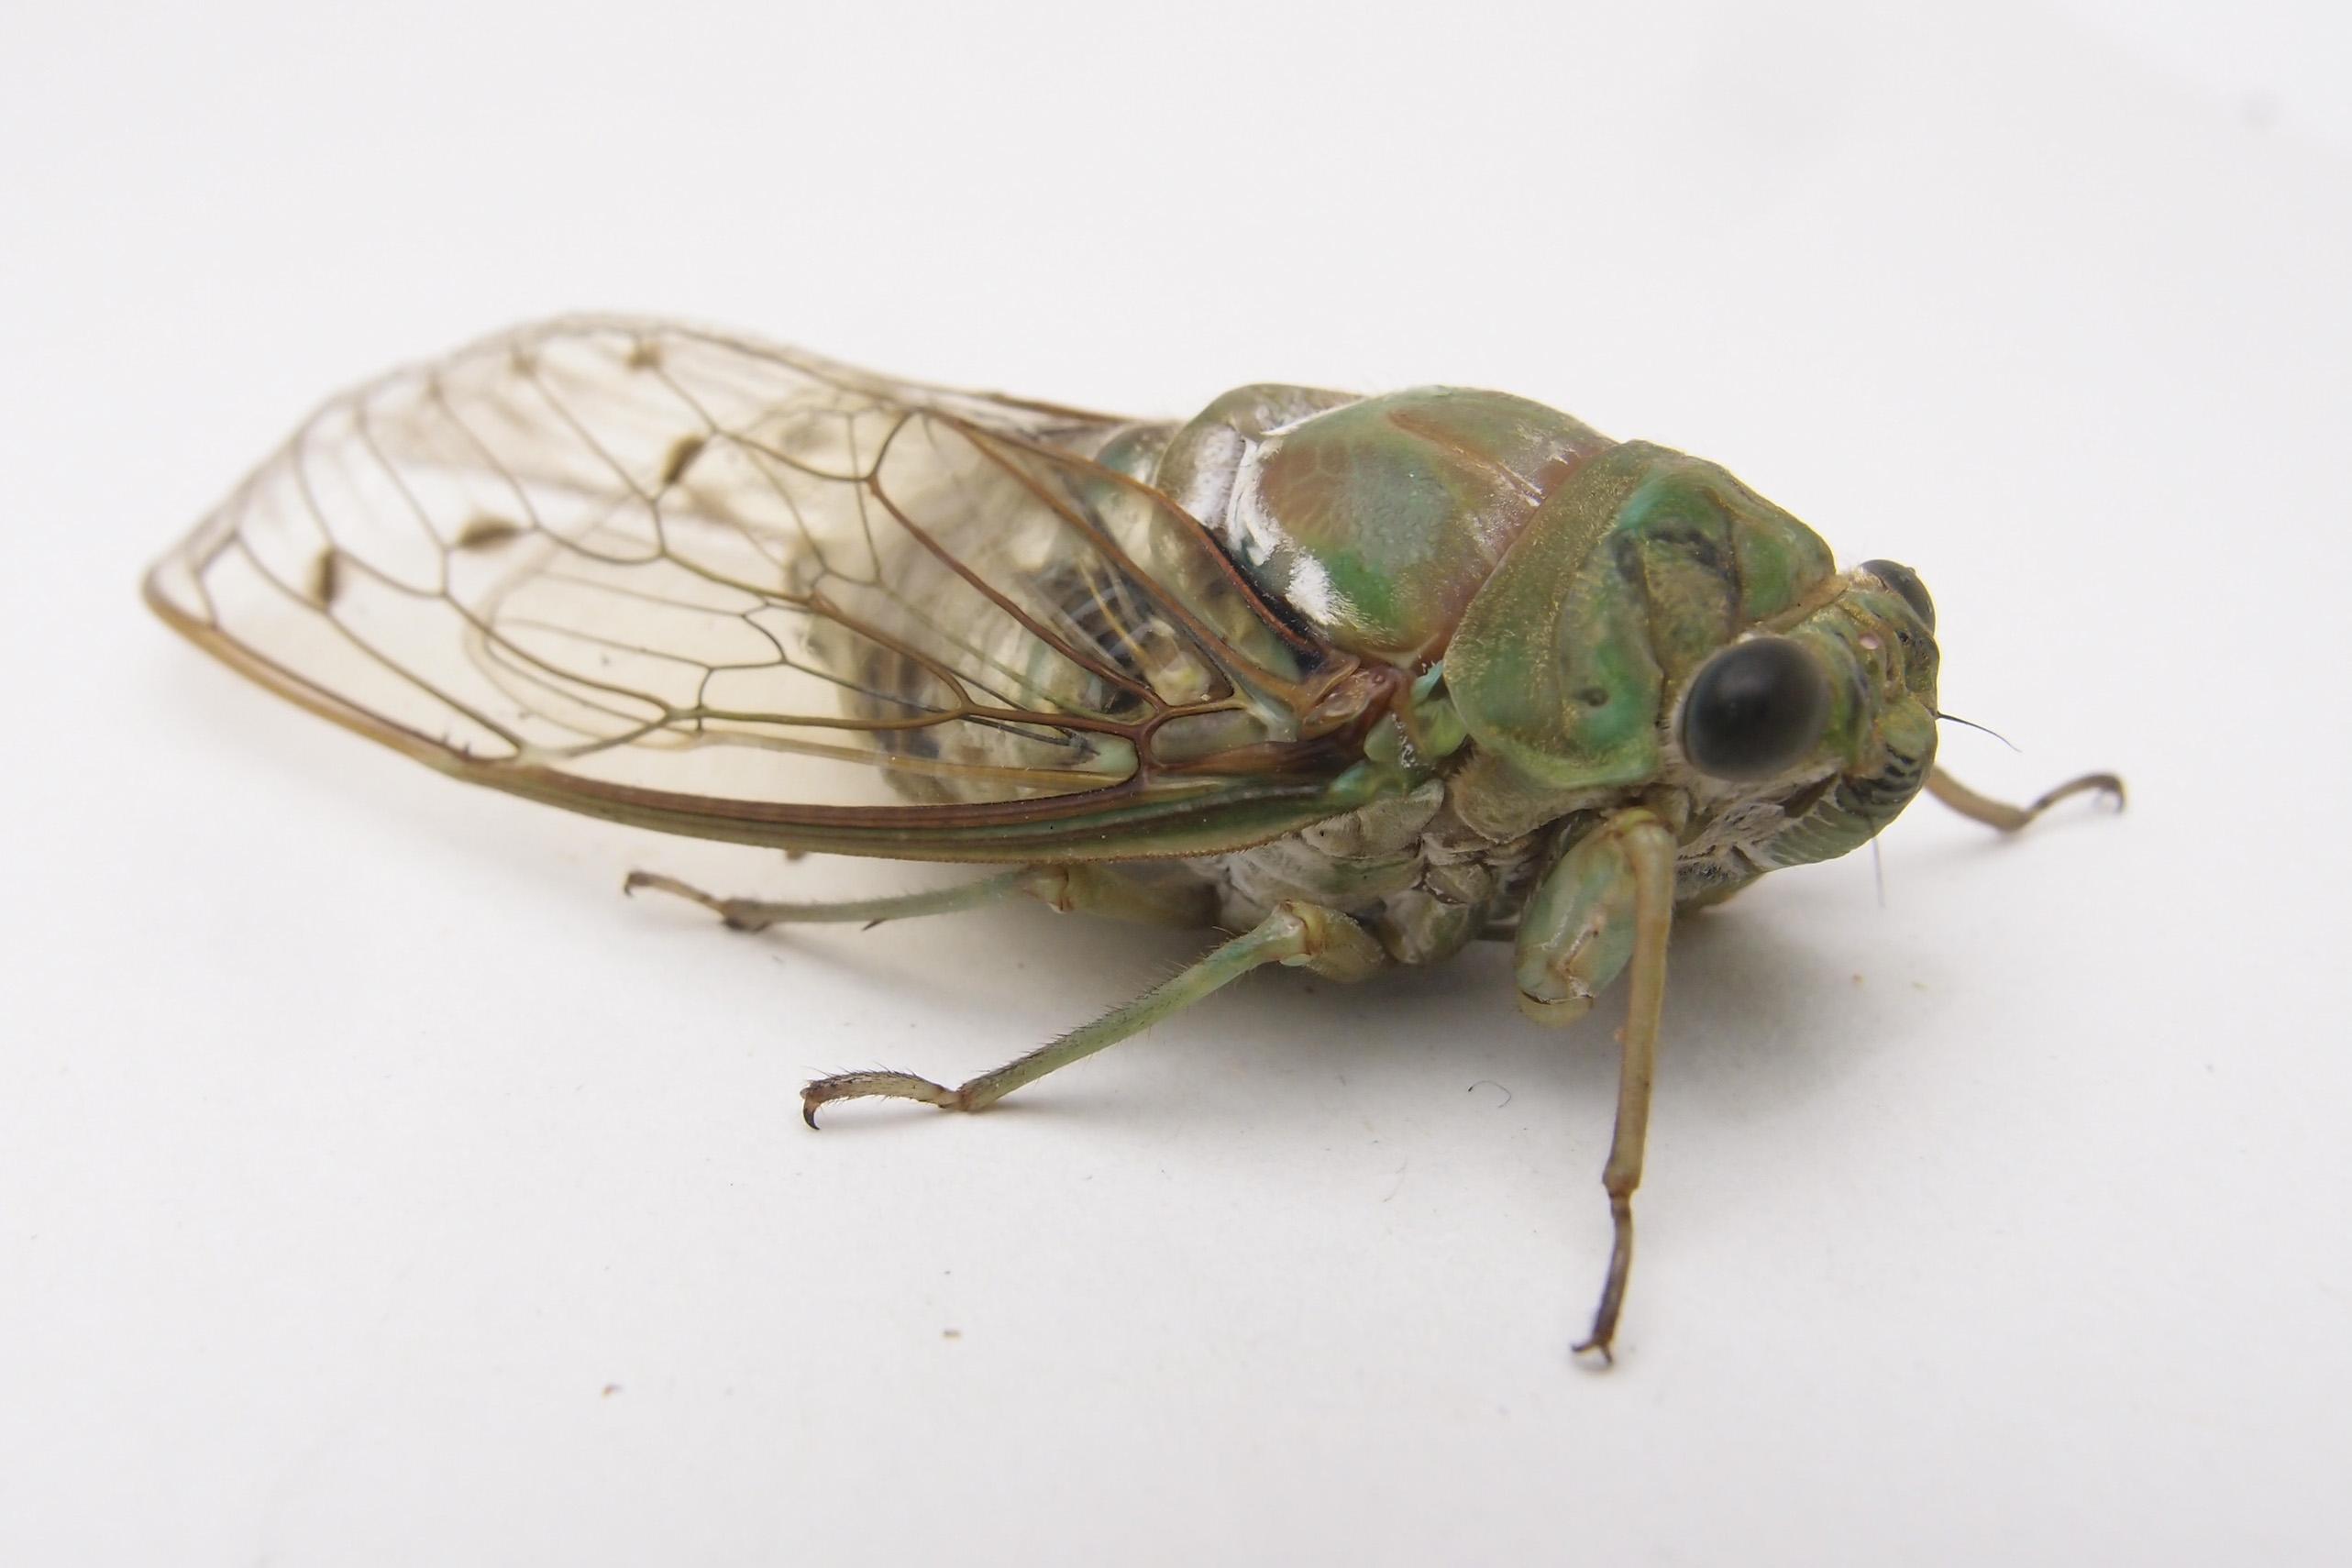 蟲ソムリエへの道 味見:セミ成虫食べ比べ